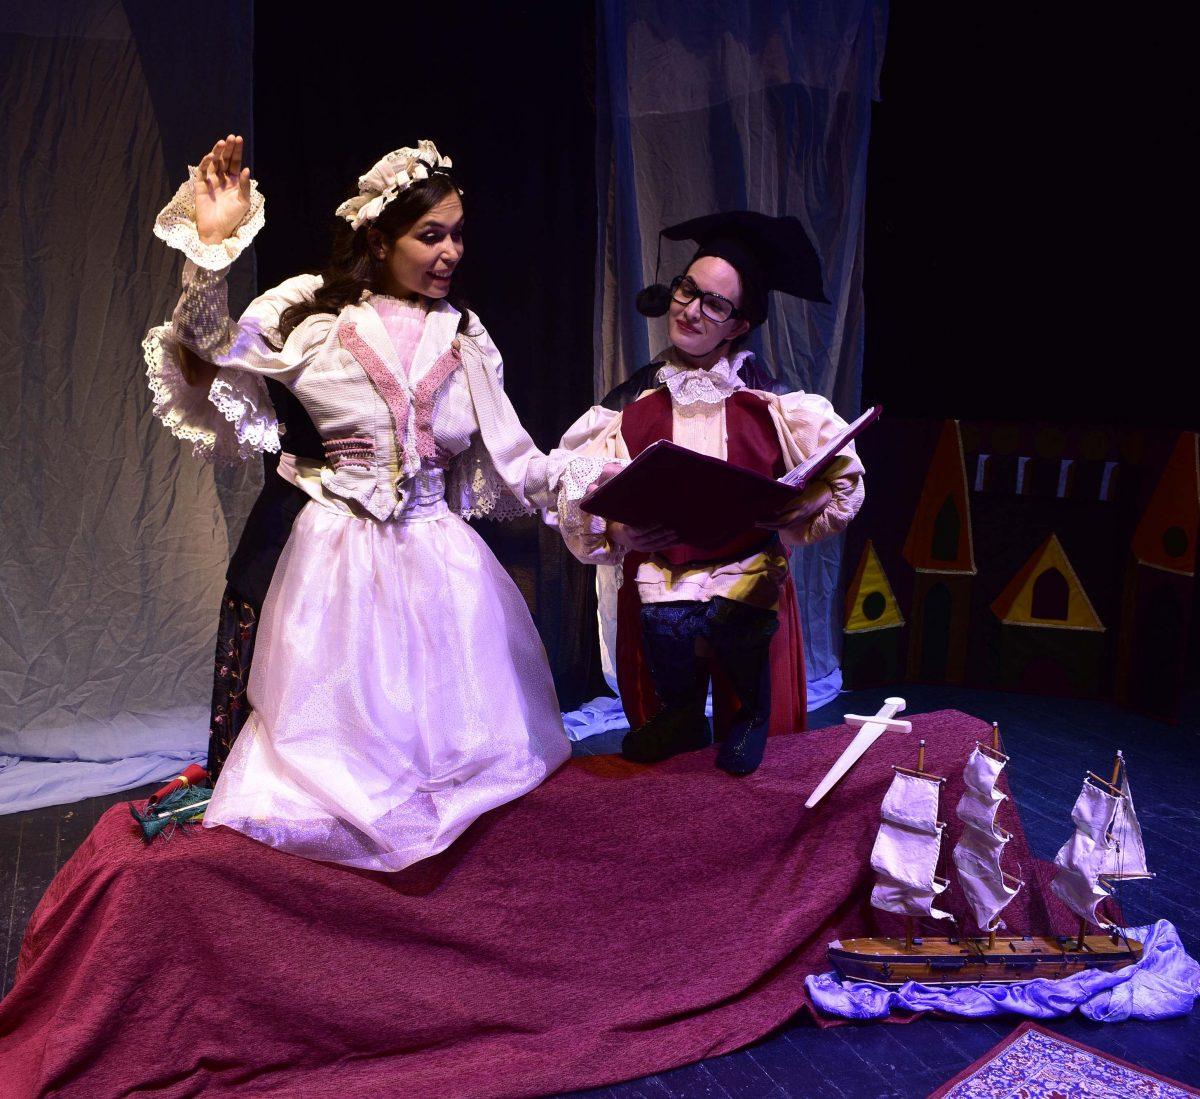 Θέατρο Αερόπλοιο «Παιδιά με δικαιώματα, μεγάλα κατορθώματα» Από 20 Οκτωβρίου Θέατρο ΤΟΠΟΣ ΑΛΛΟύ